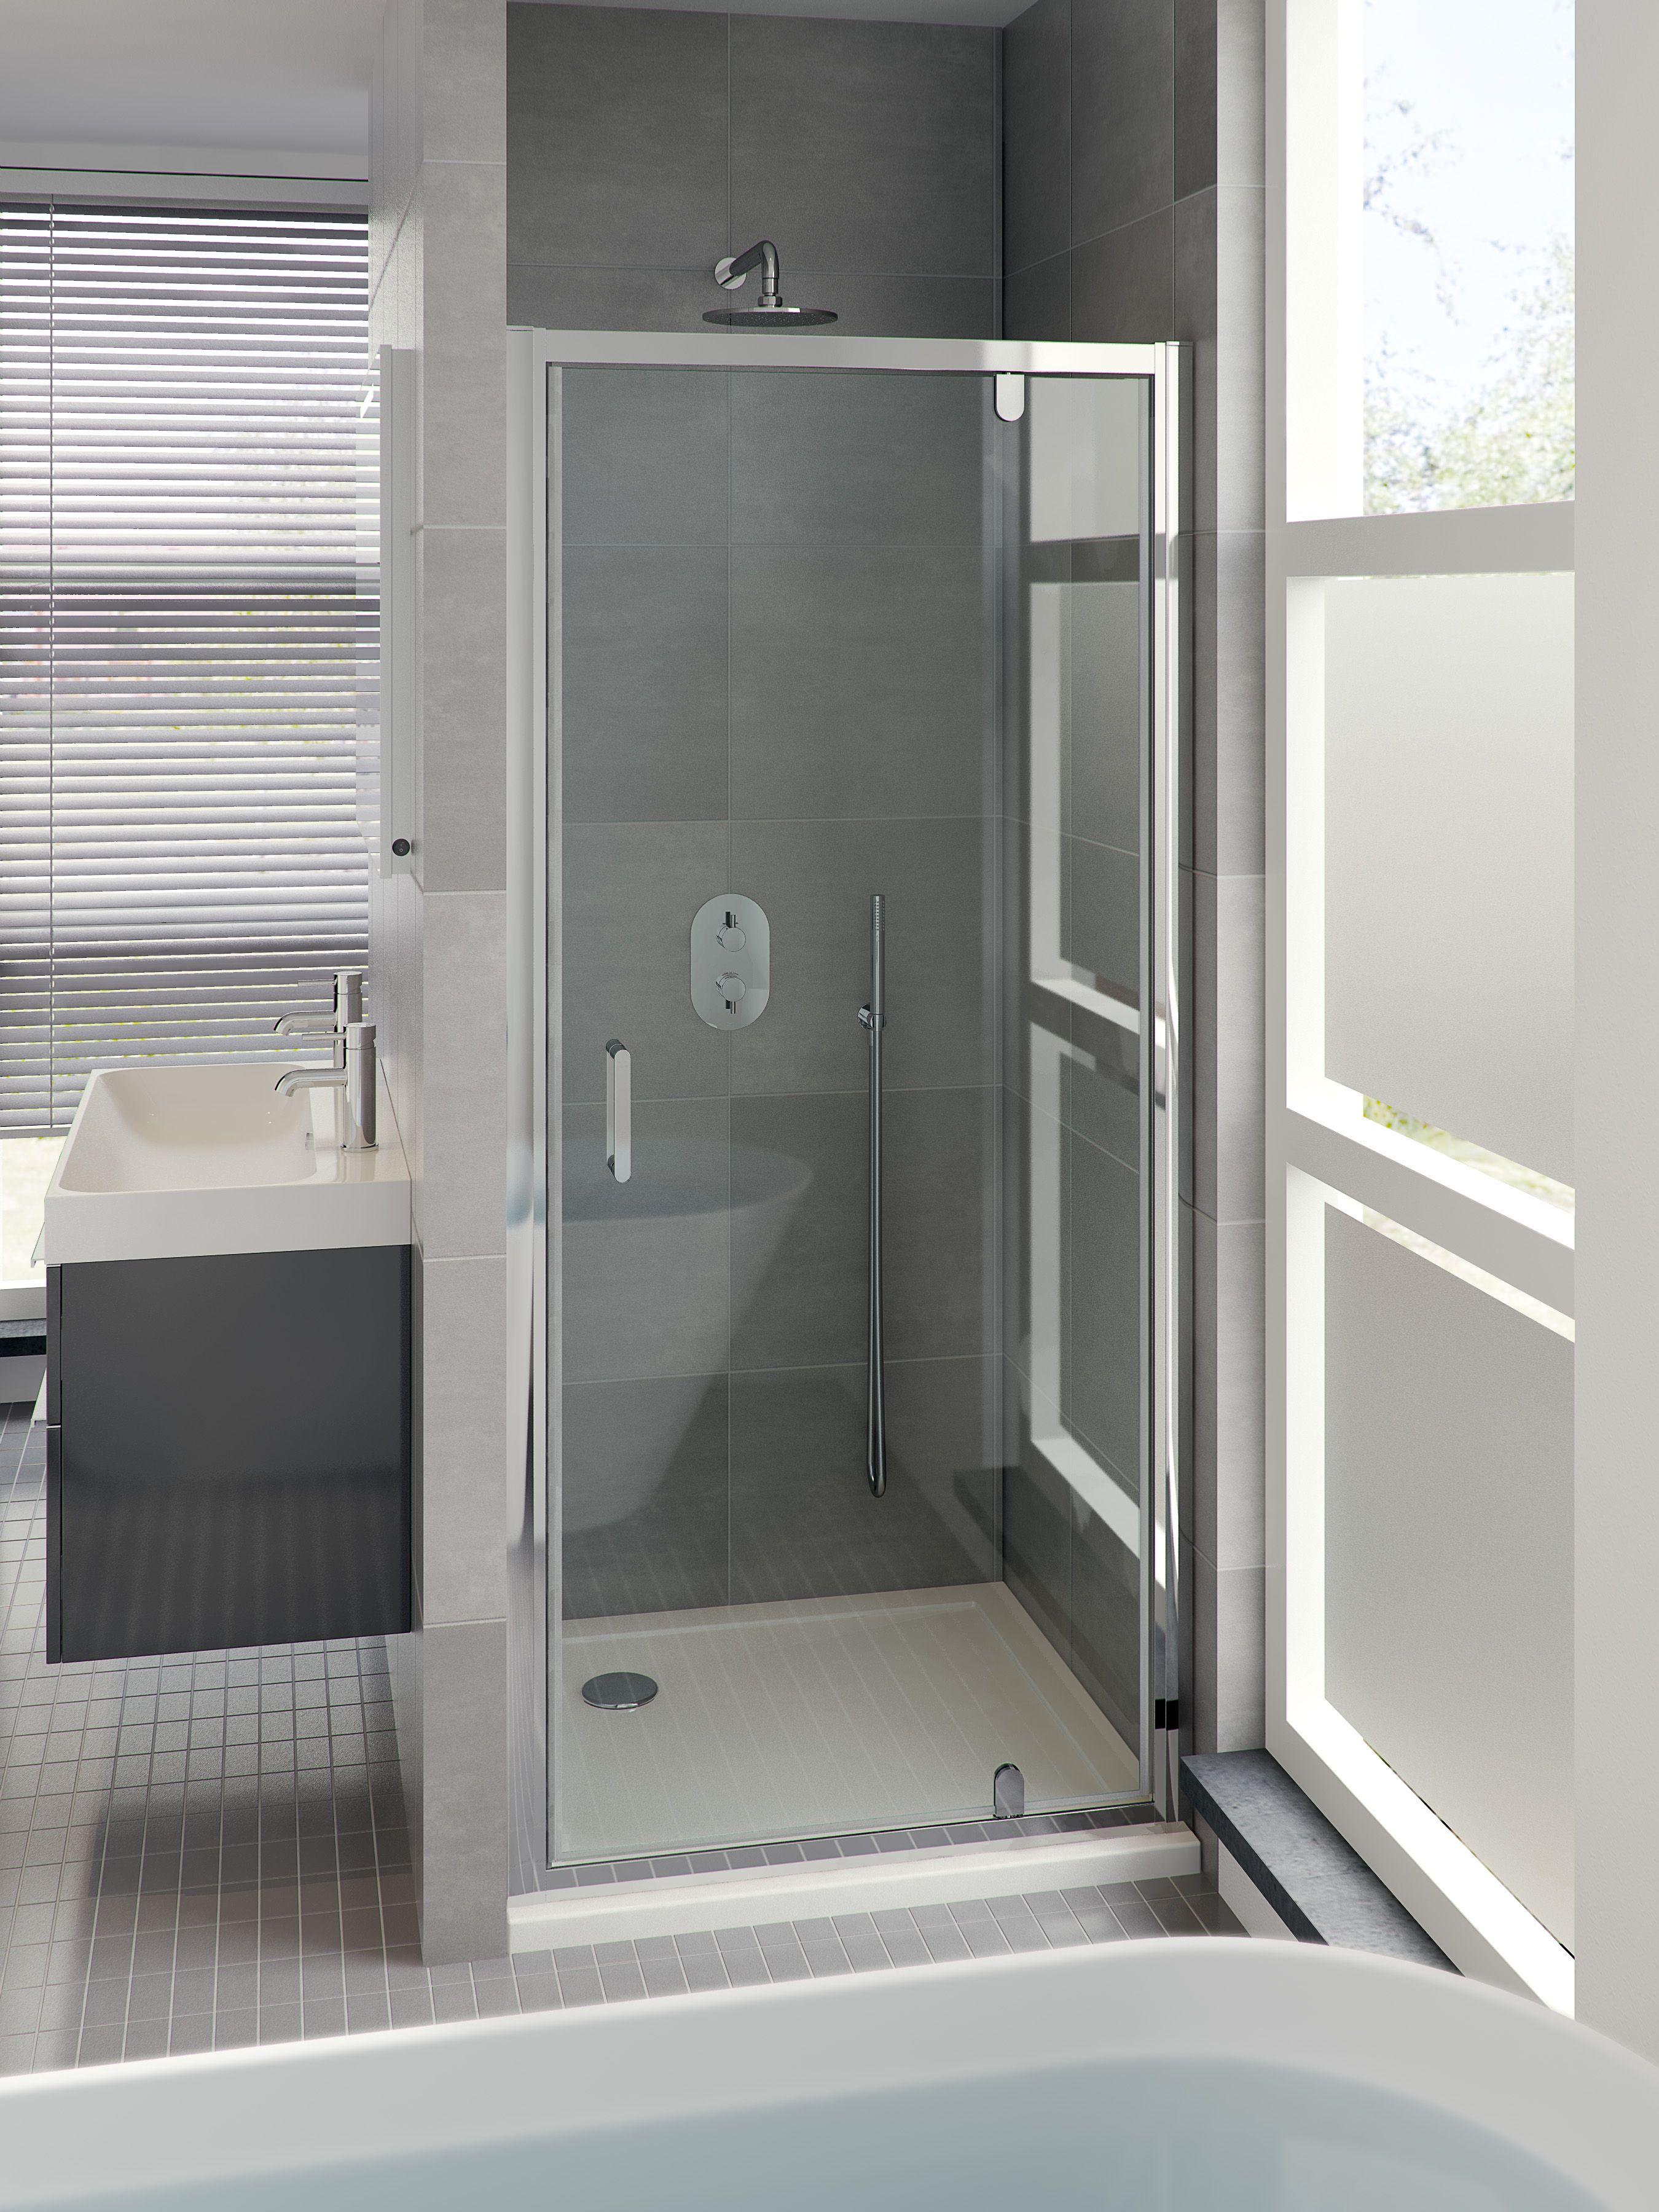 bruynzeel cilo douchedeur badkamer idee salle de bains